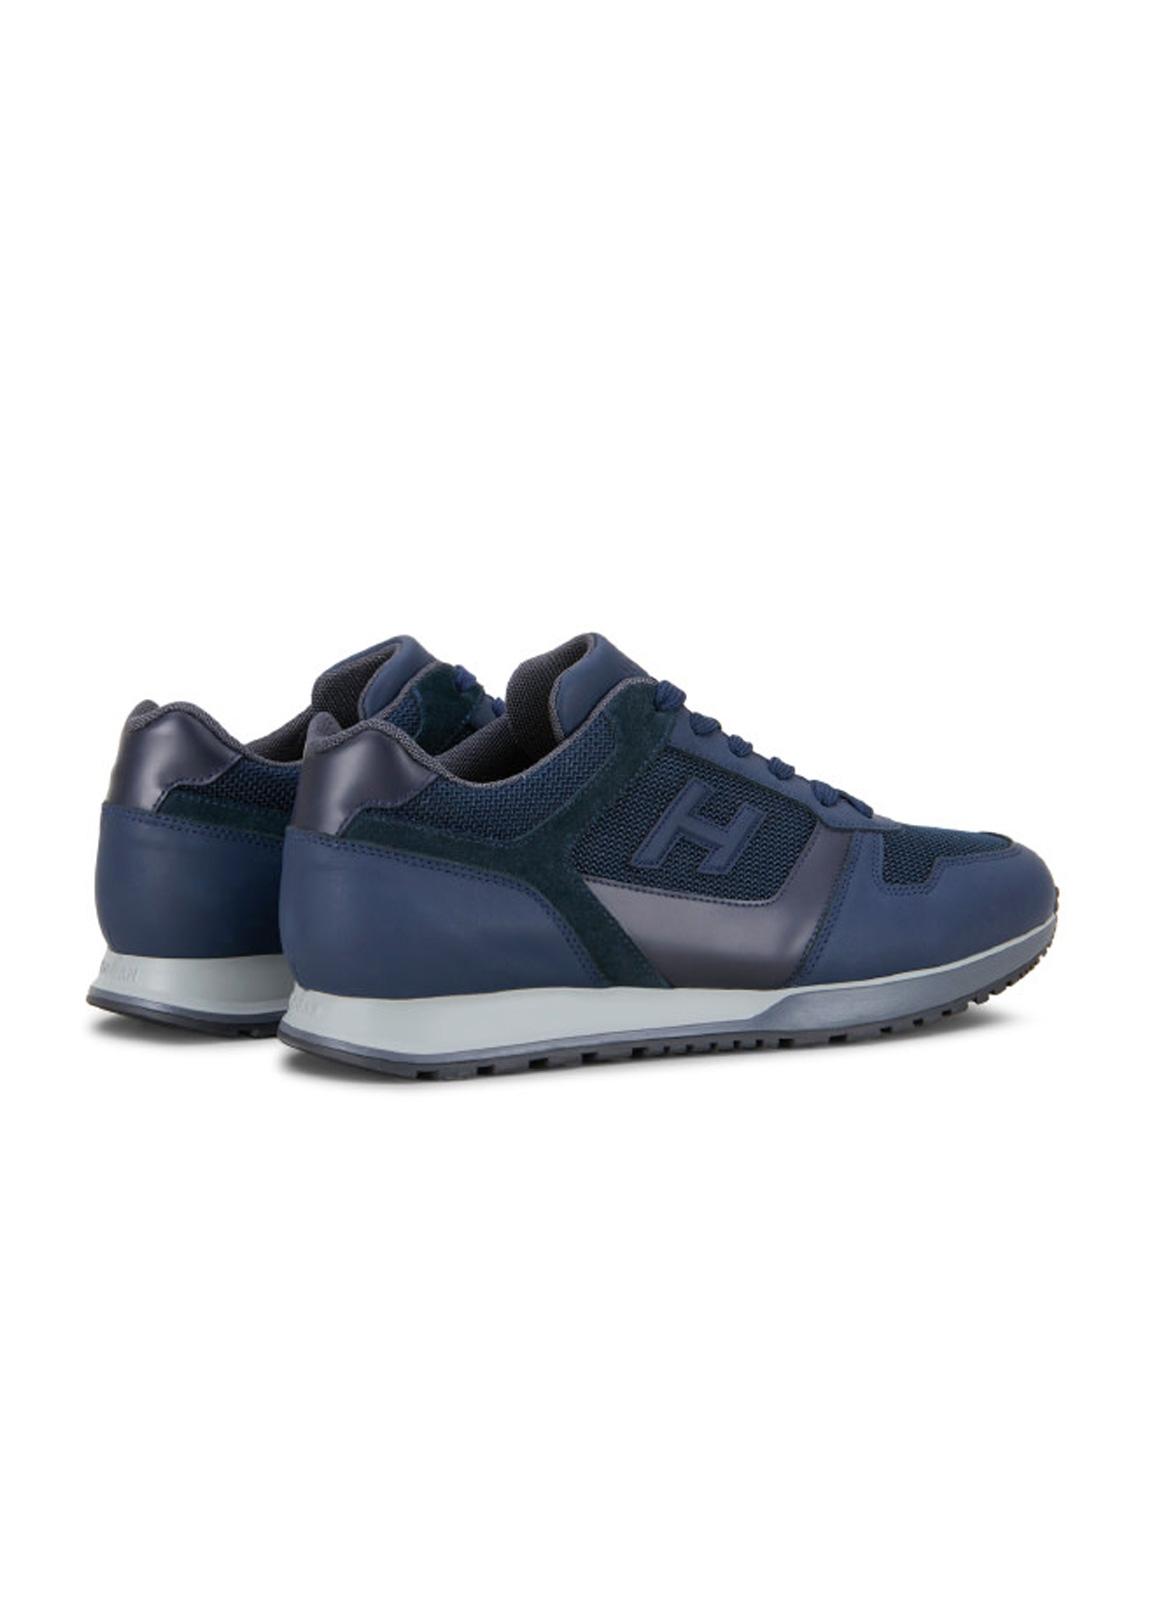 Calzado sport SNEAKER H-321 color azul. Combinación de piel, ante y tejido técnico. - Ítem2